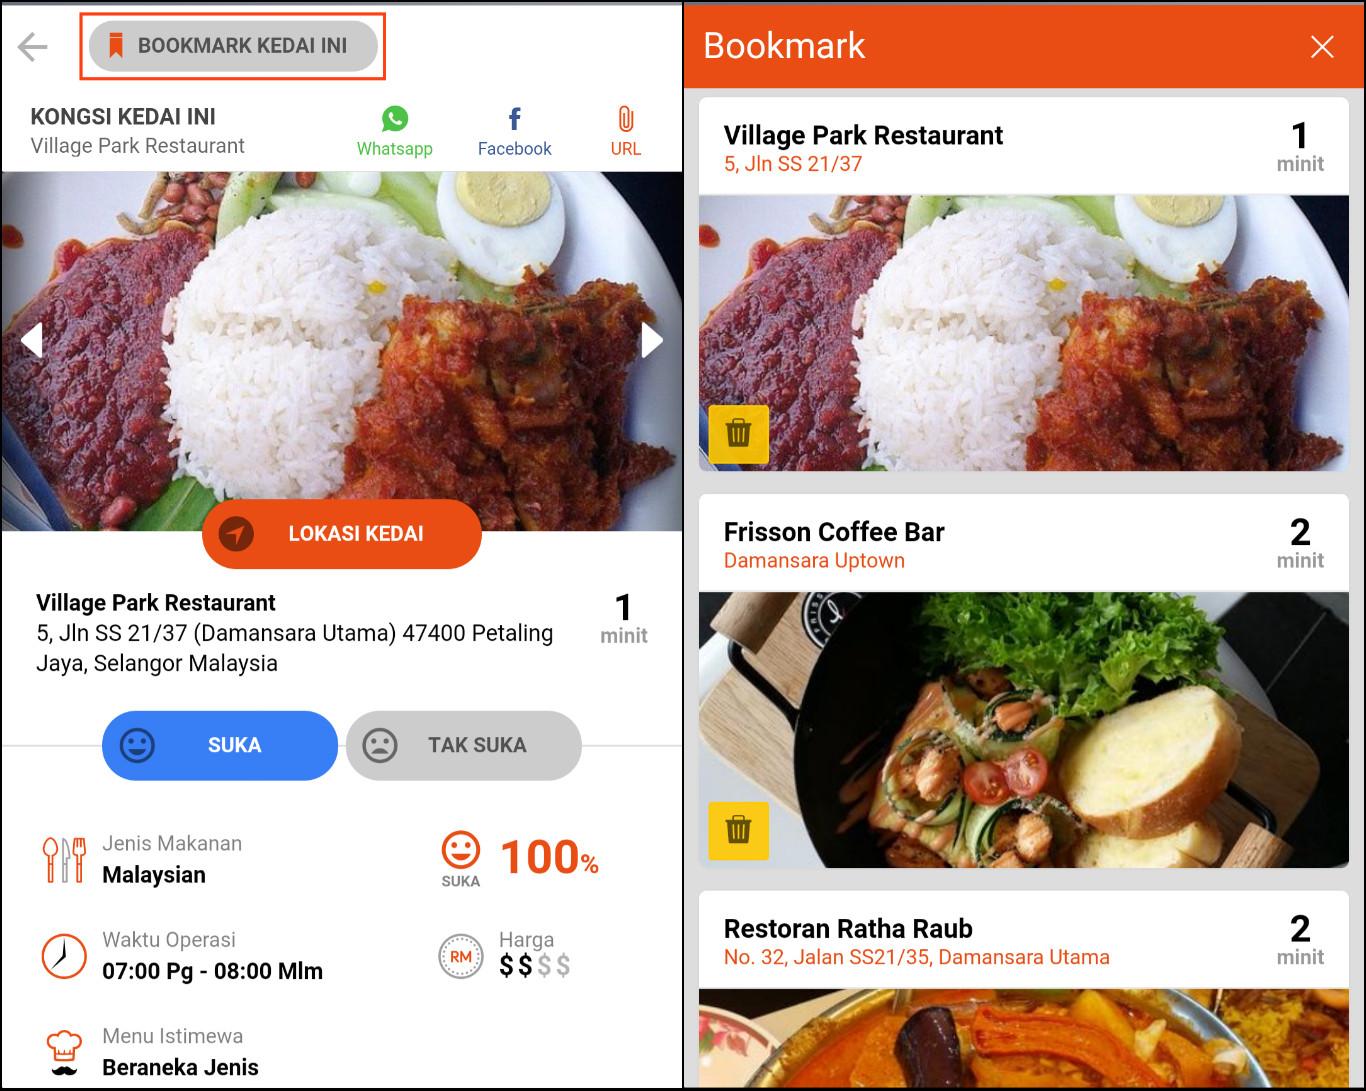 Setelah jumpa restoran yang ingin dilawati, hanya tekan 'Bookmark Kedai Ini' (kiri) dan ia akan terus tersenarai dalam 'Bookmark List' anda (kanan).